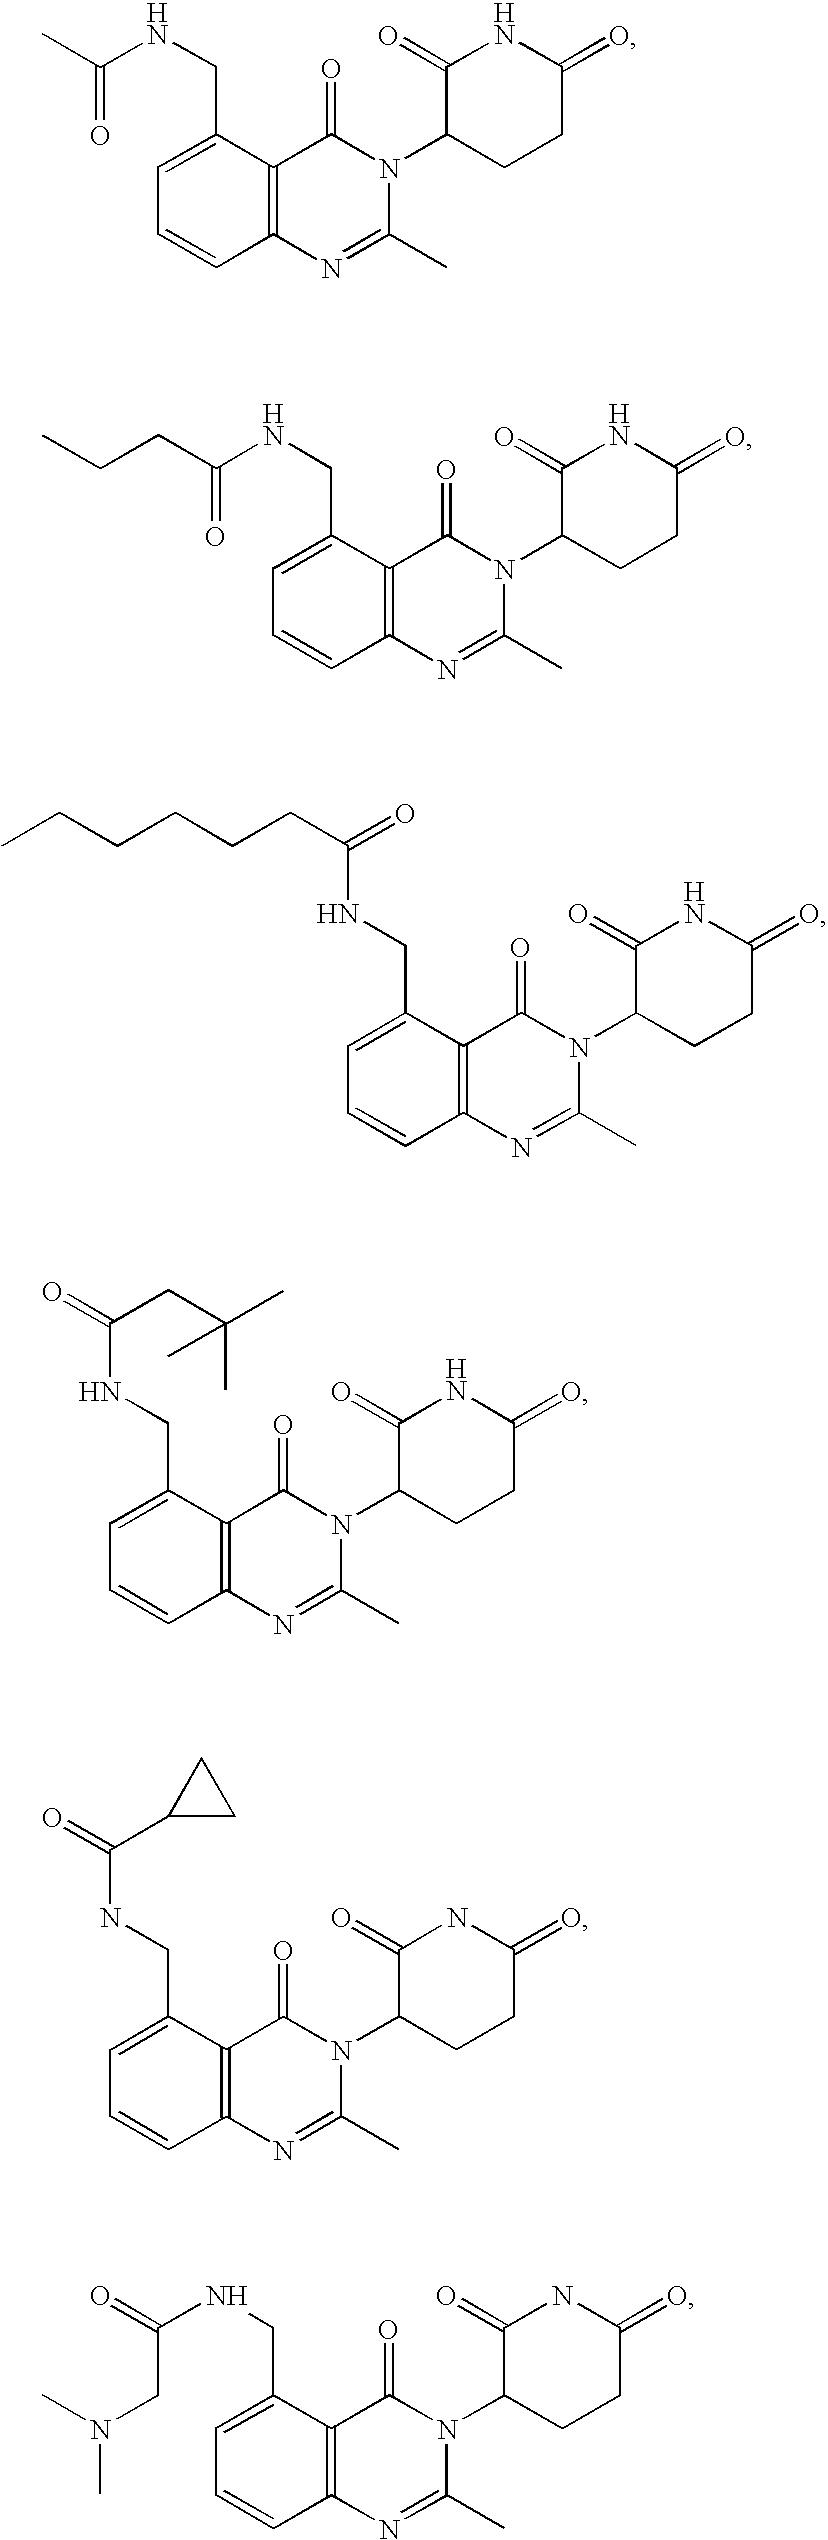 Figure US07635700-20091222-C00079